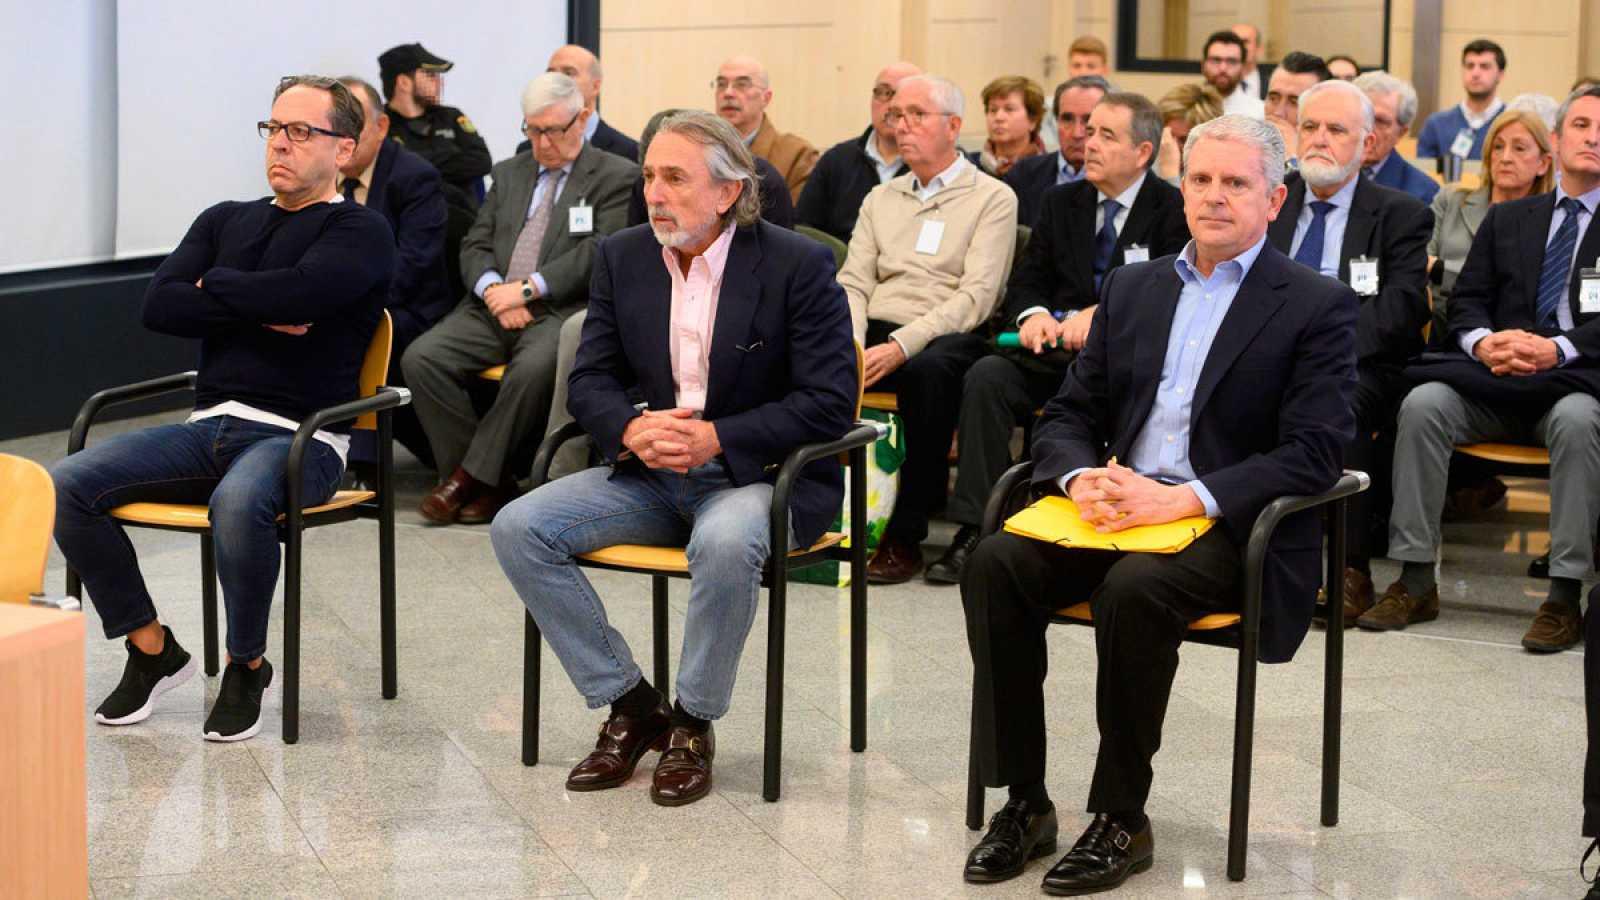 Los acusados Álvaro Pérez 'El Bigotes' (i), Francisco Correa (c) y Pablo Crespo (d) al comienzo del juicio el pasado lunes.